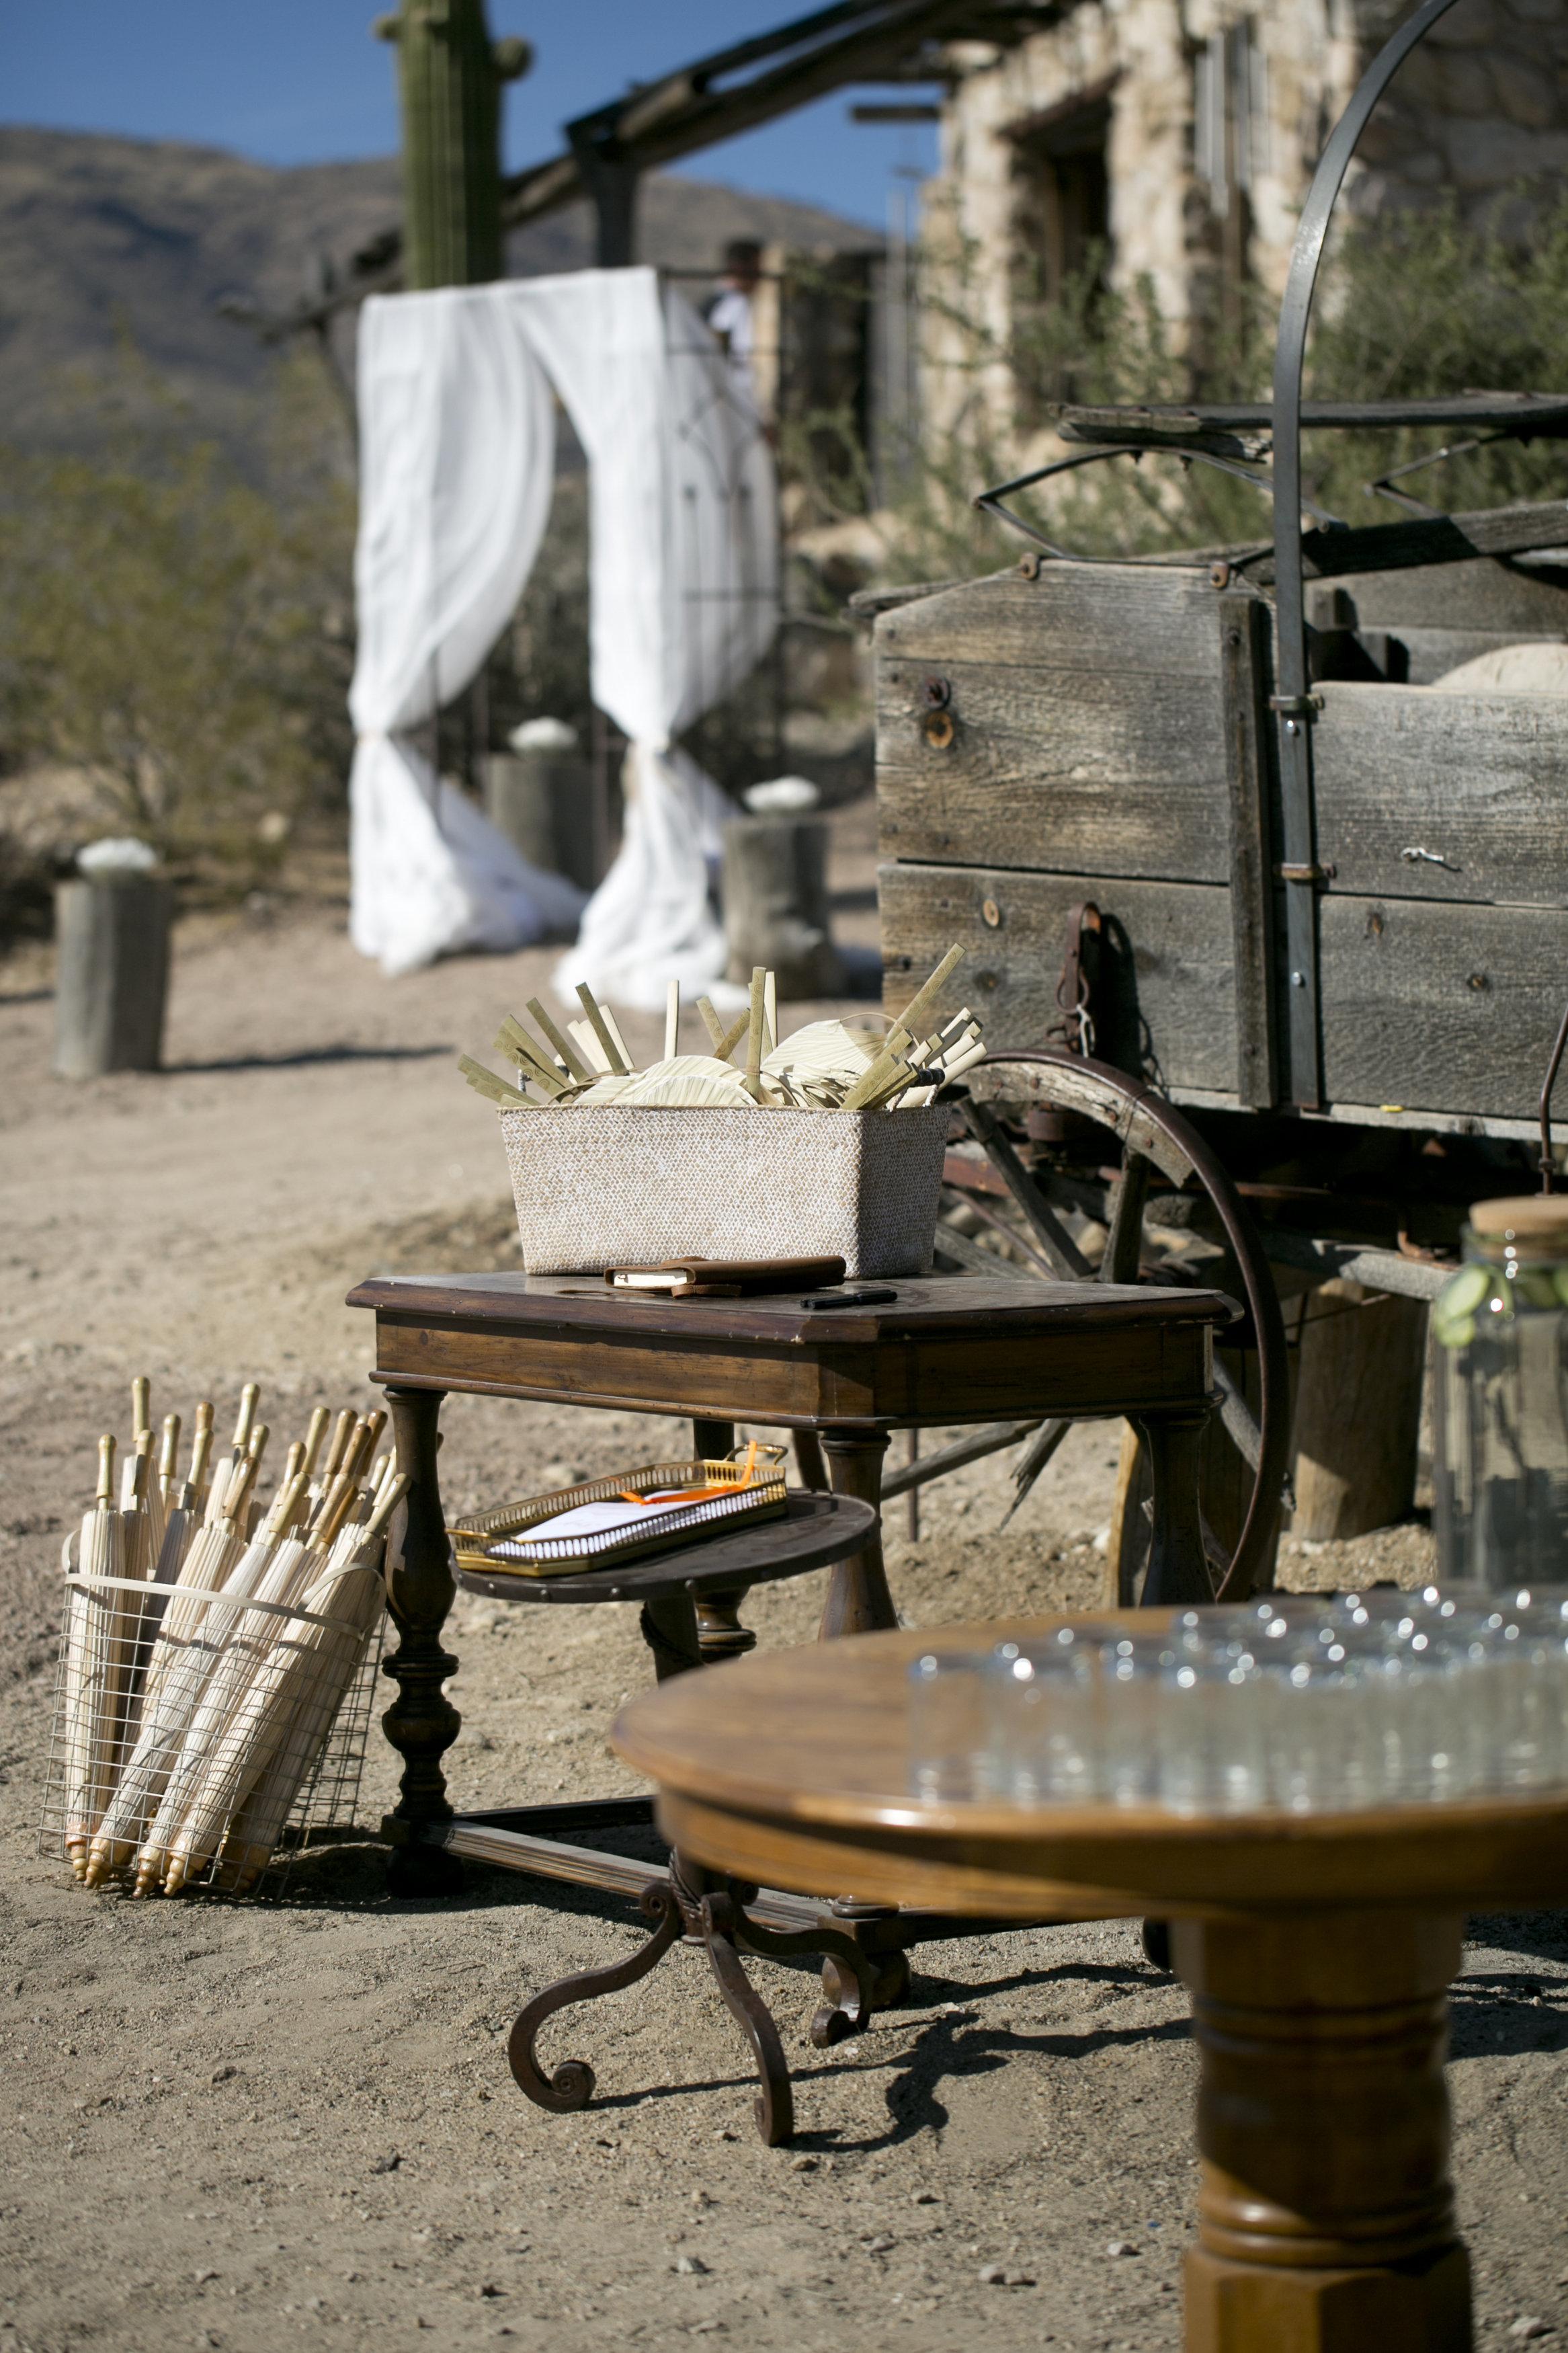 Ceci_New_York_Ceci_Style_Ceci_Johnson_Luxury_Lifestyle_Arizona_Wedding_Watercolor_Inspiration_Design_Custom_Couture_Personalized_Invitations_93.jpg